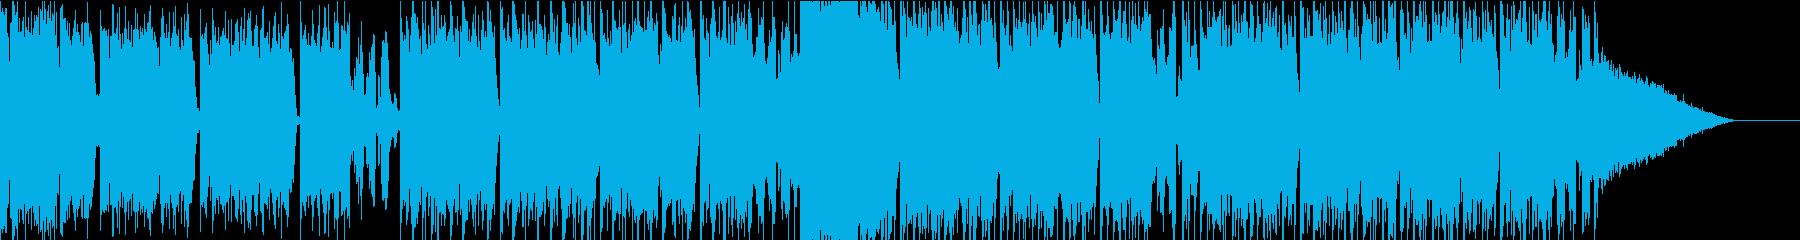 【トランス】淡々とした映像をイメージの再生済みの波形